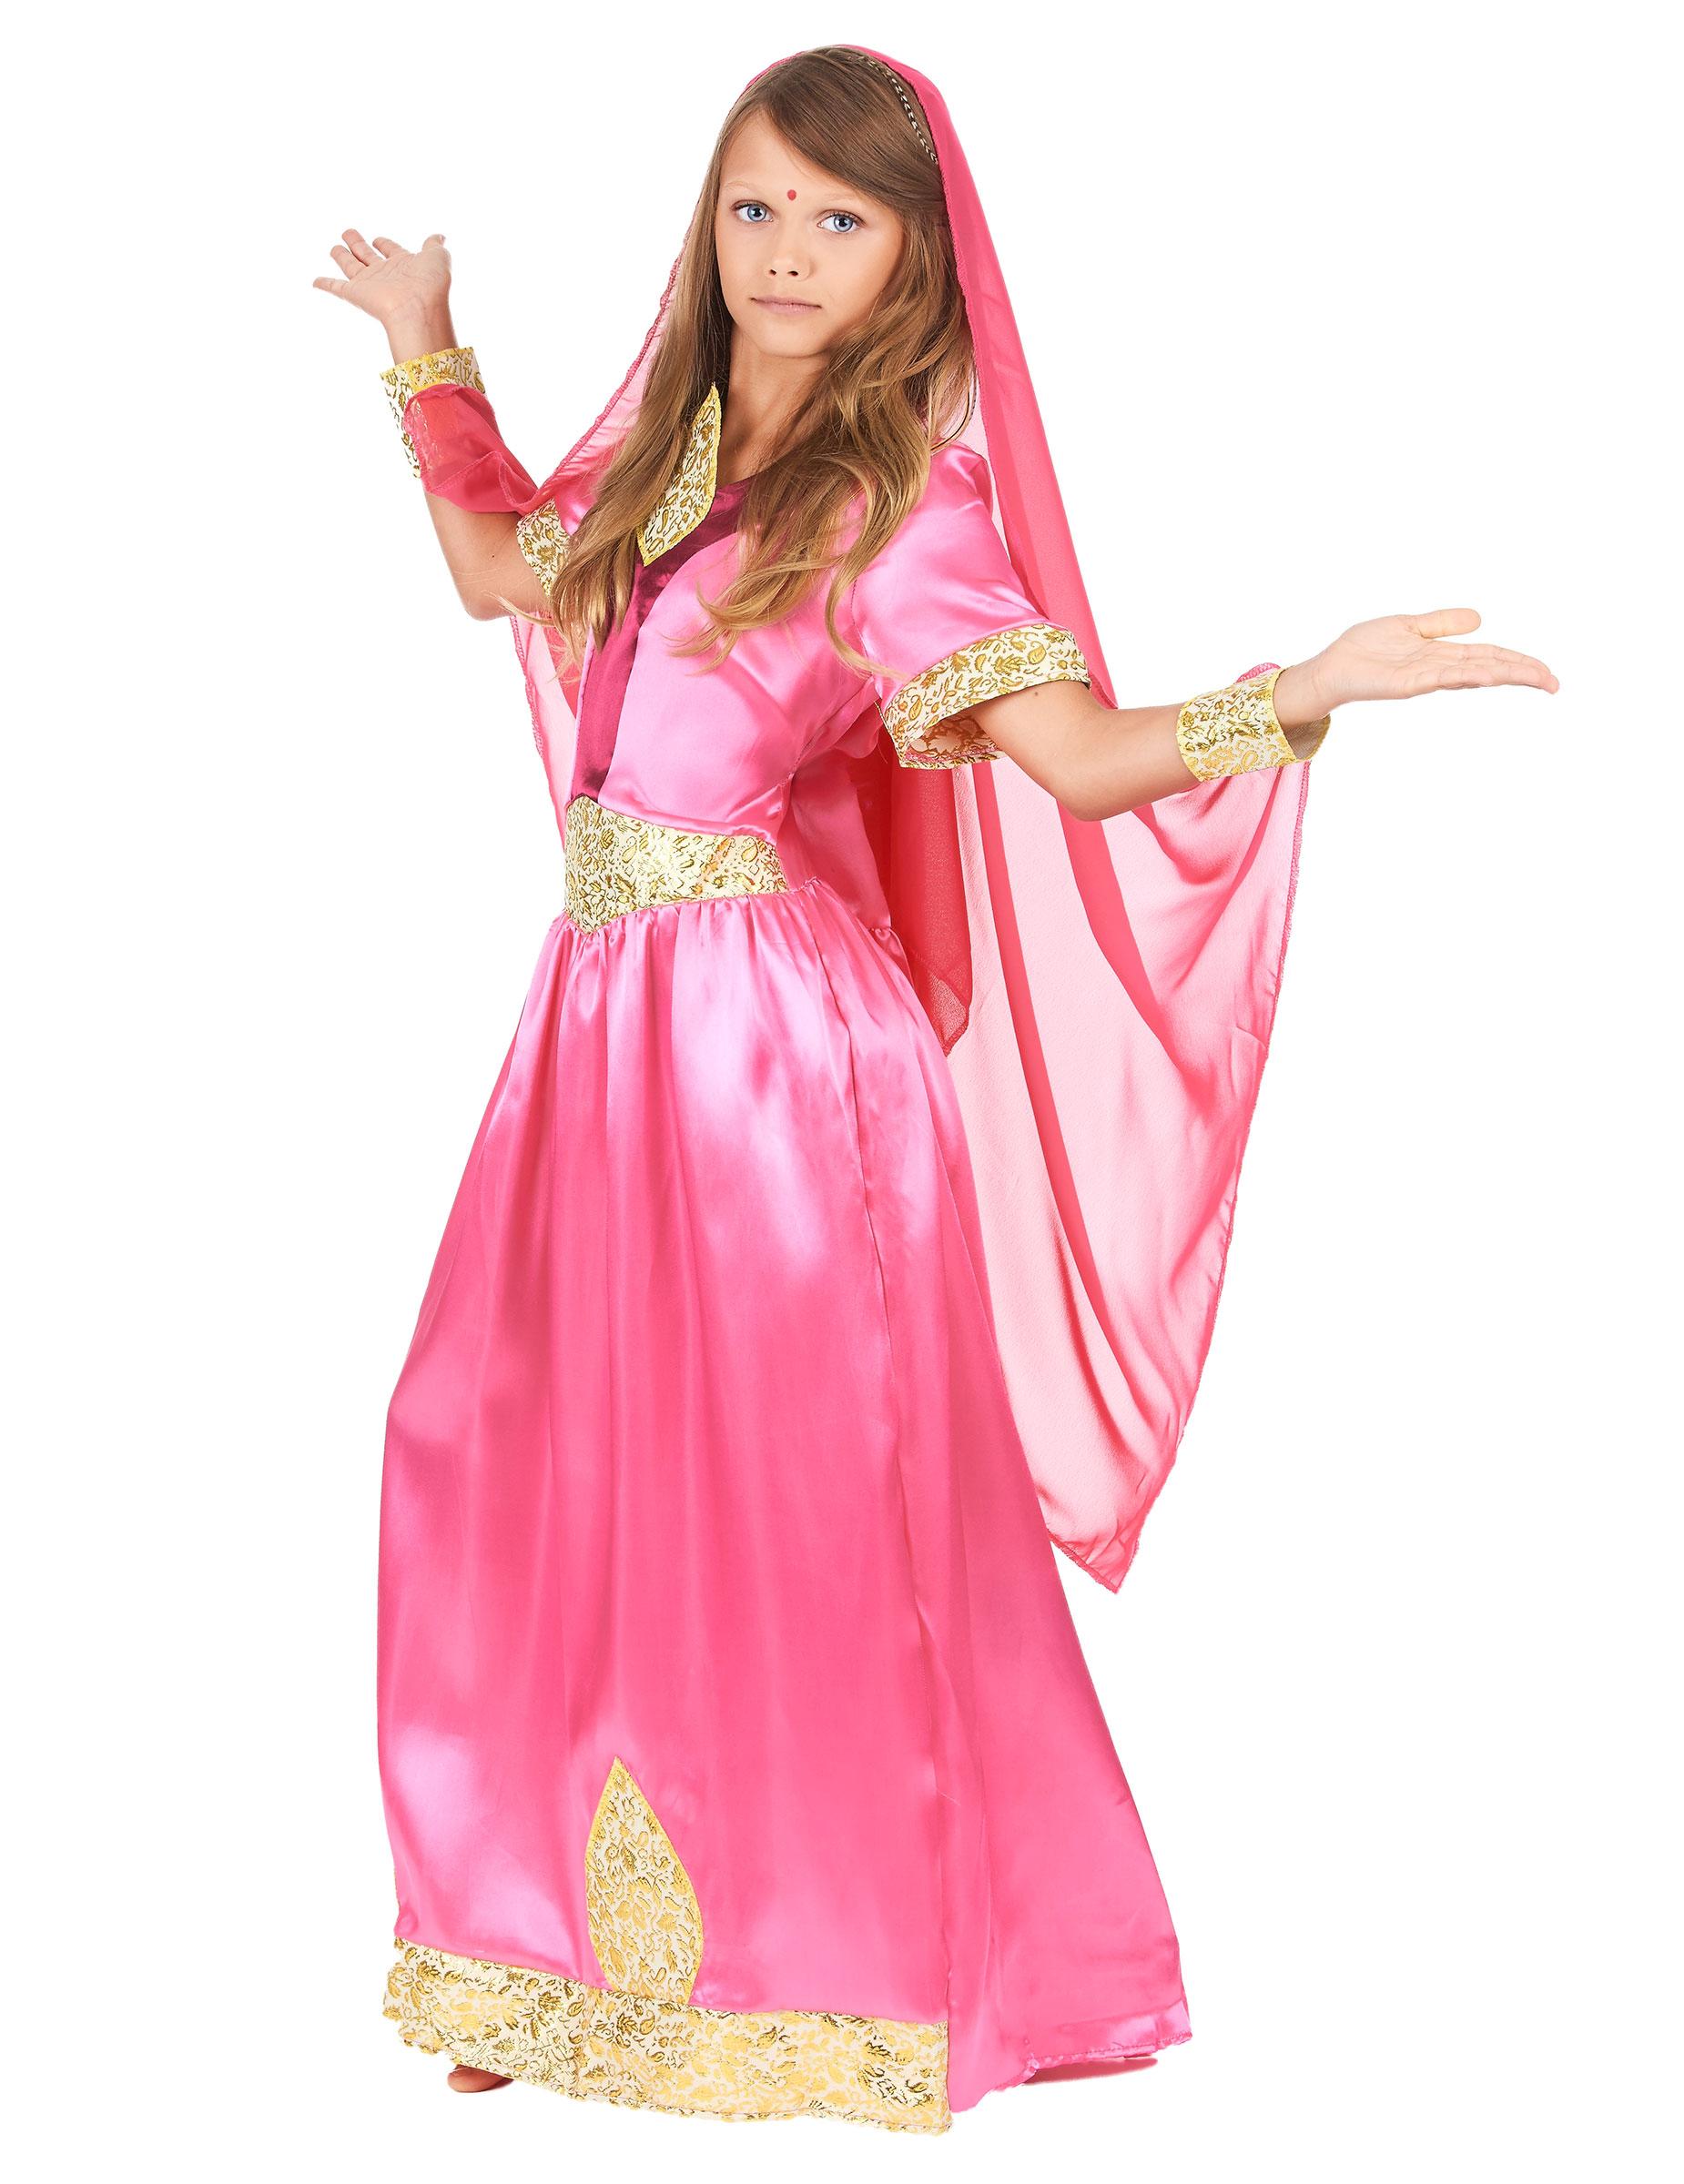 D guisement princesse bollywood rose fille achat de d guisements enfants sur vegaoopro - Deguisement fille princesse ...